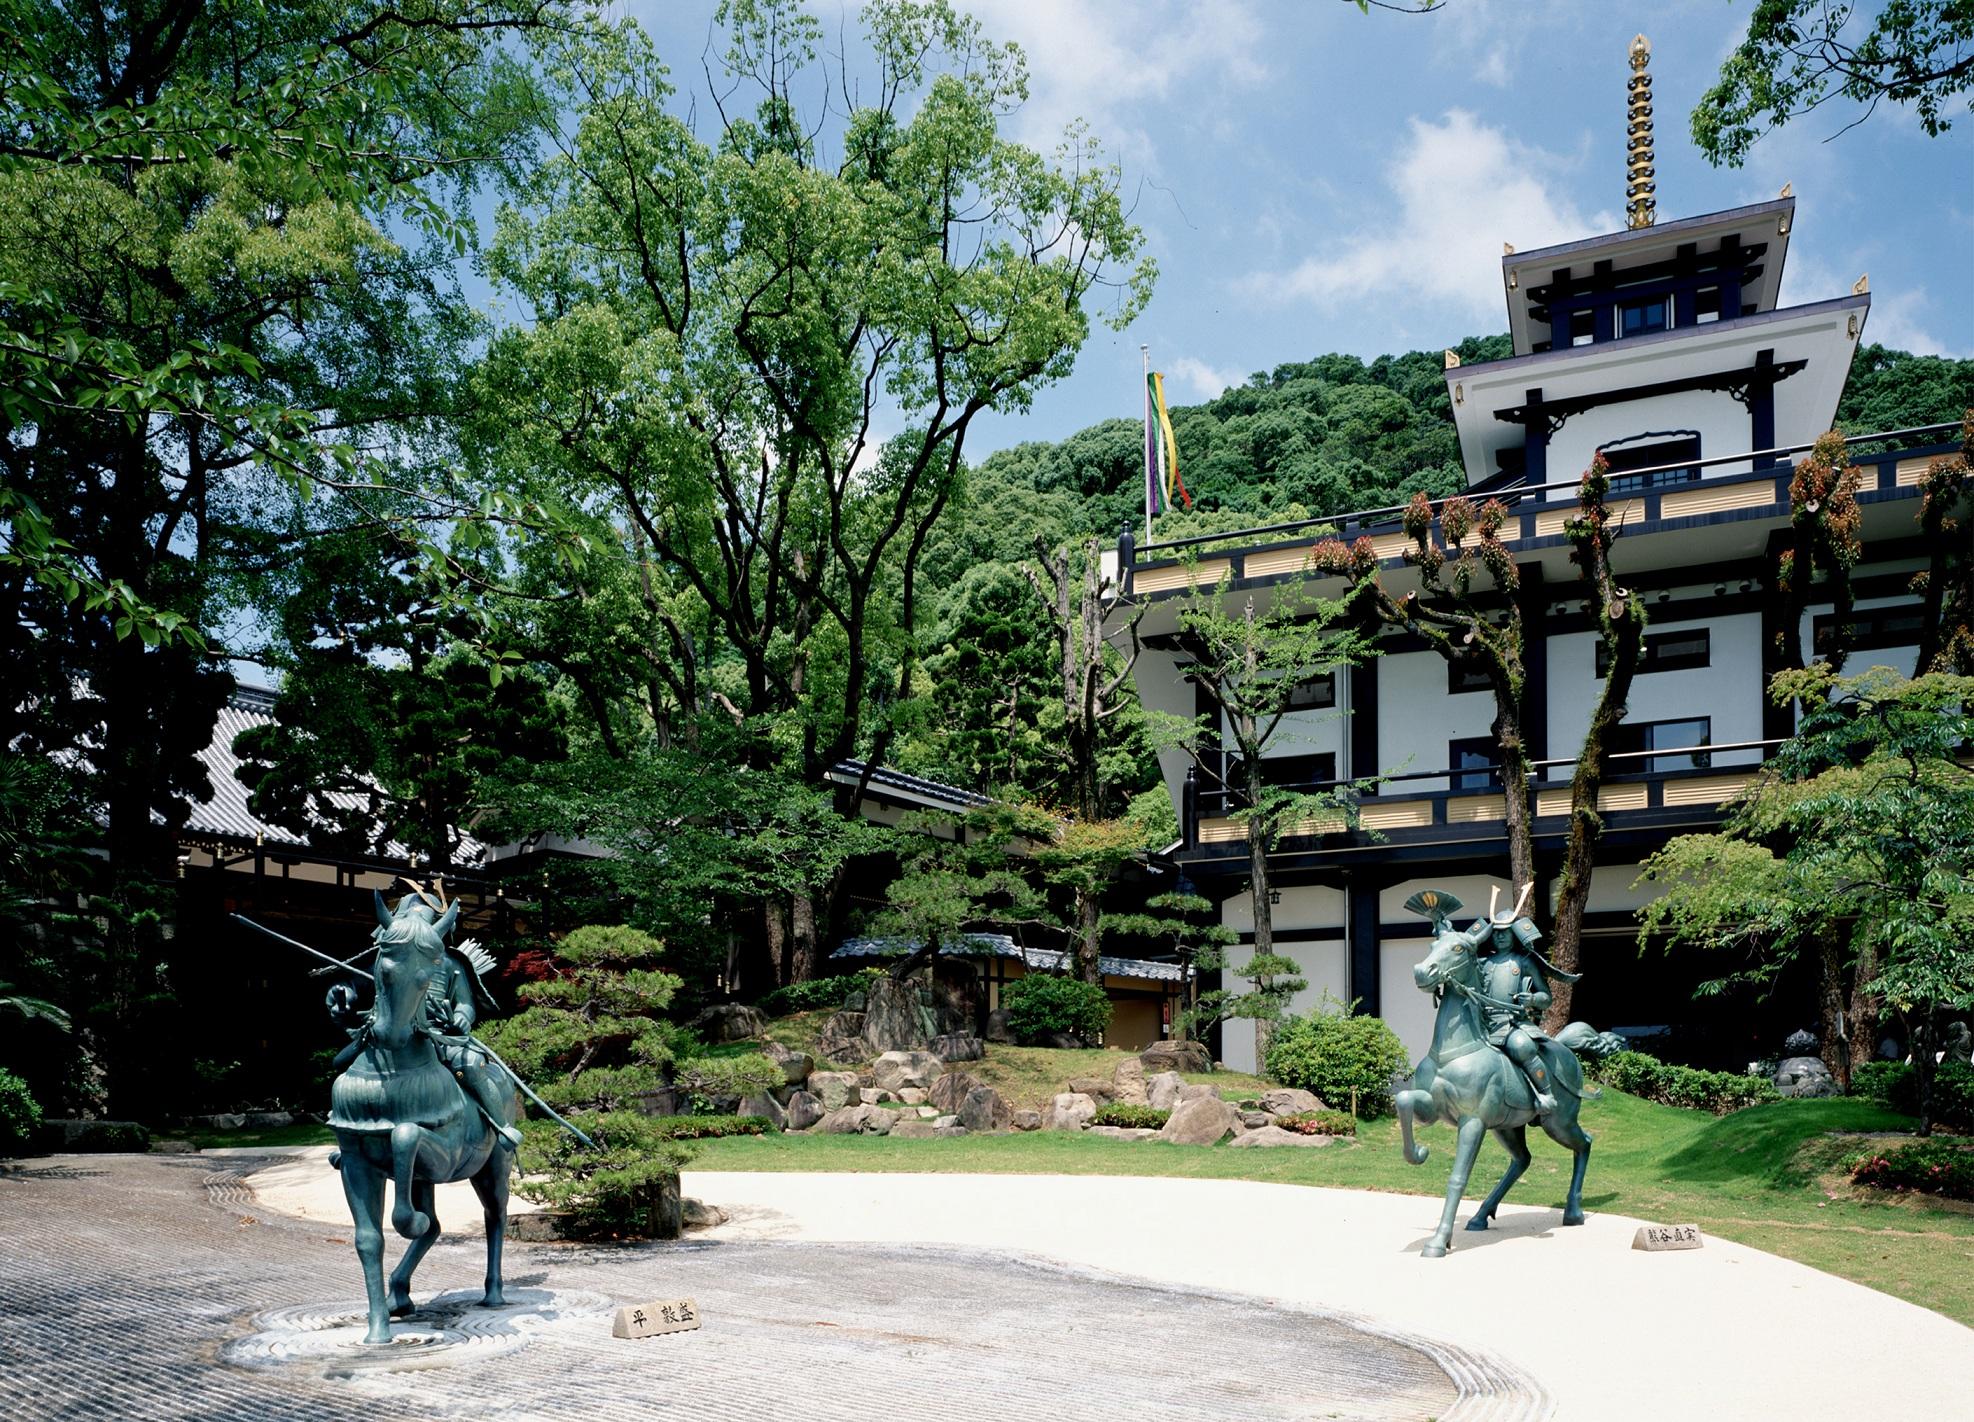 大本山 須磨寺のアイキャッチ